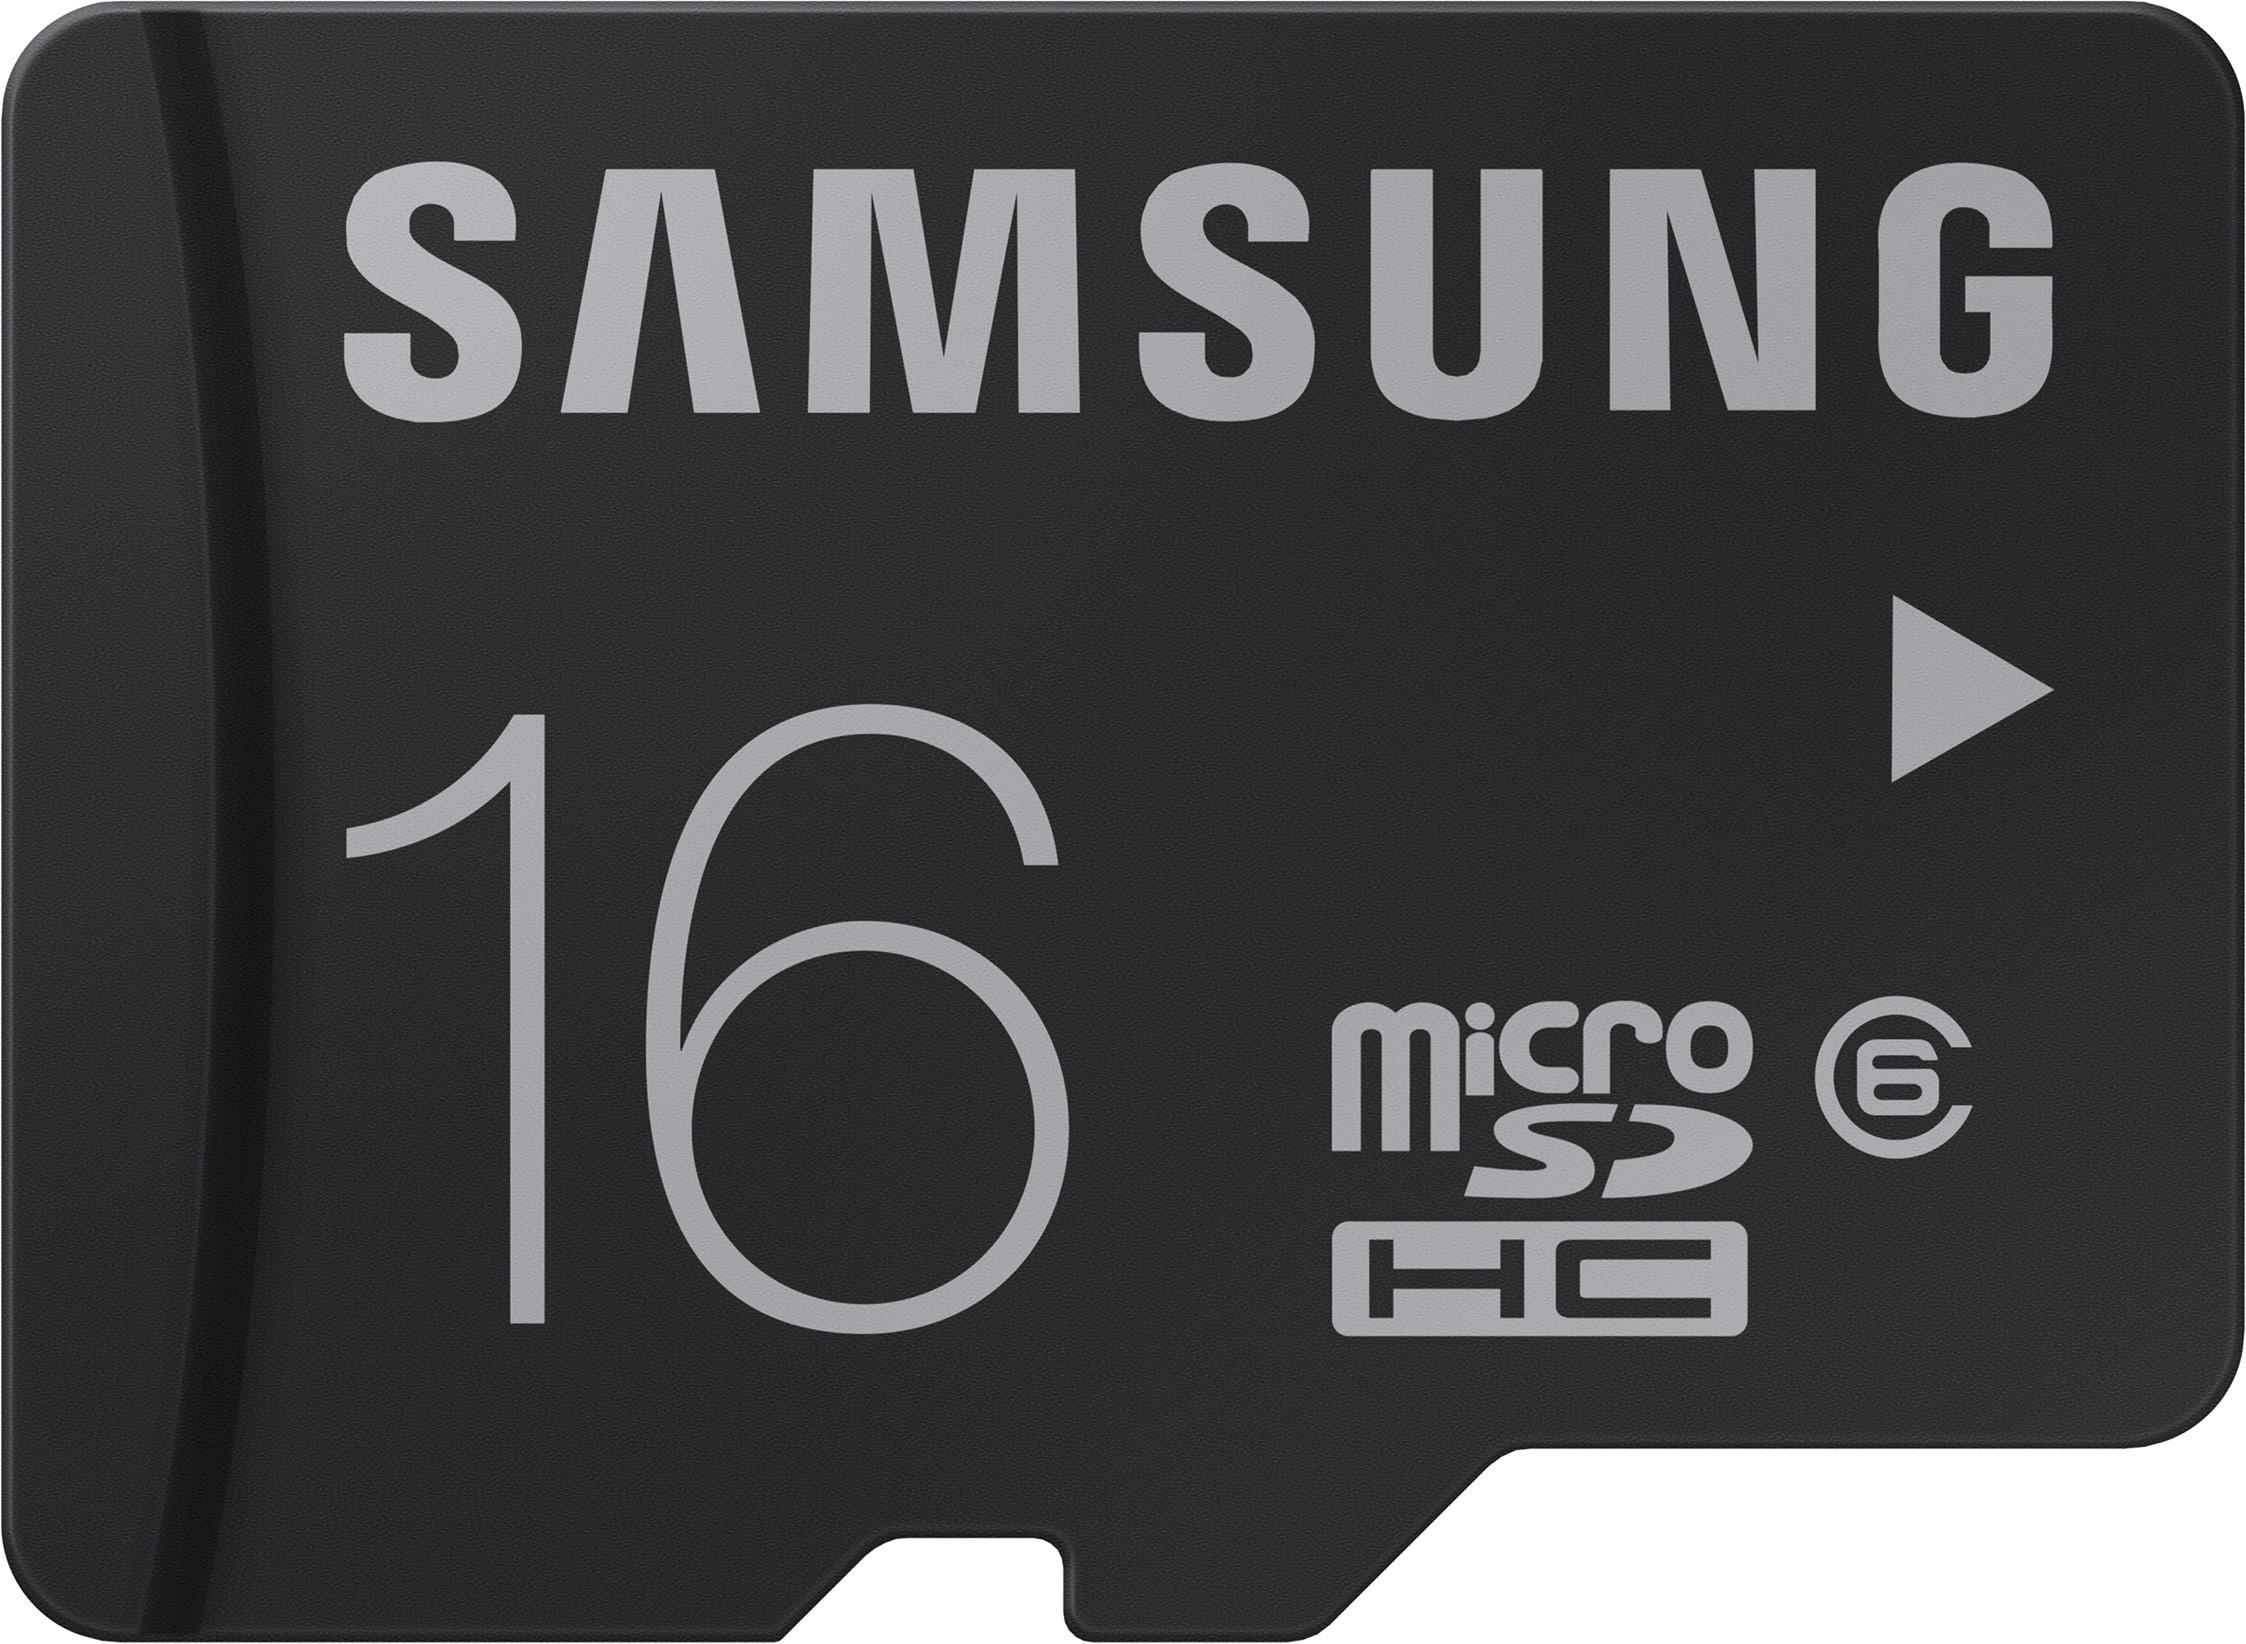 Flipkart - 16 GB Memory Card Just at Rs. 283